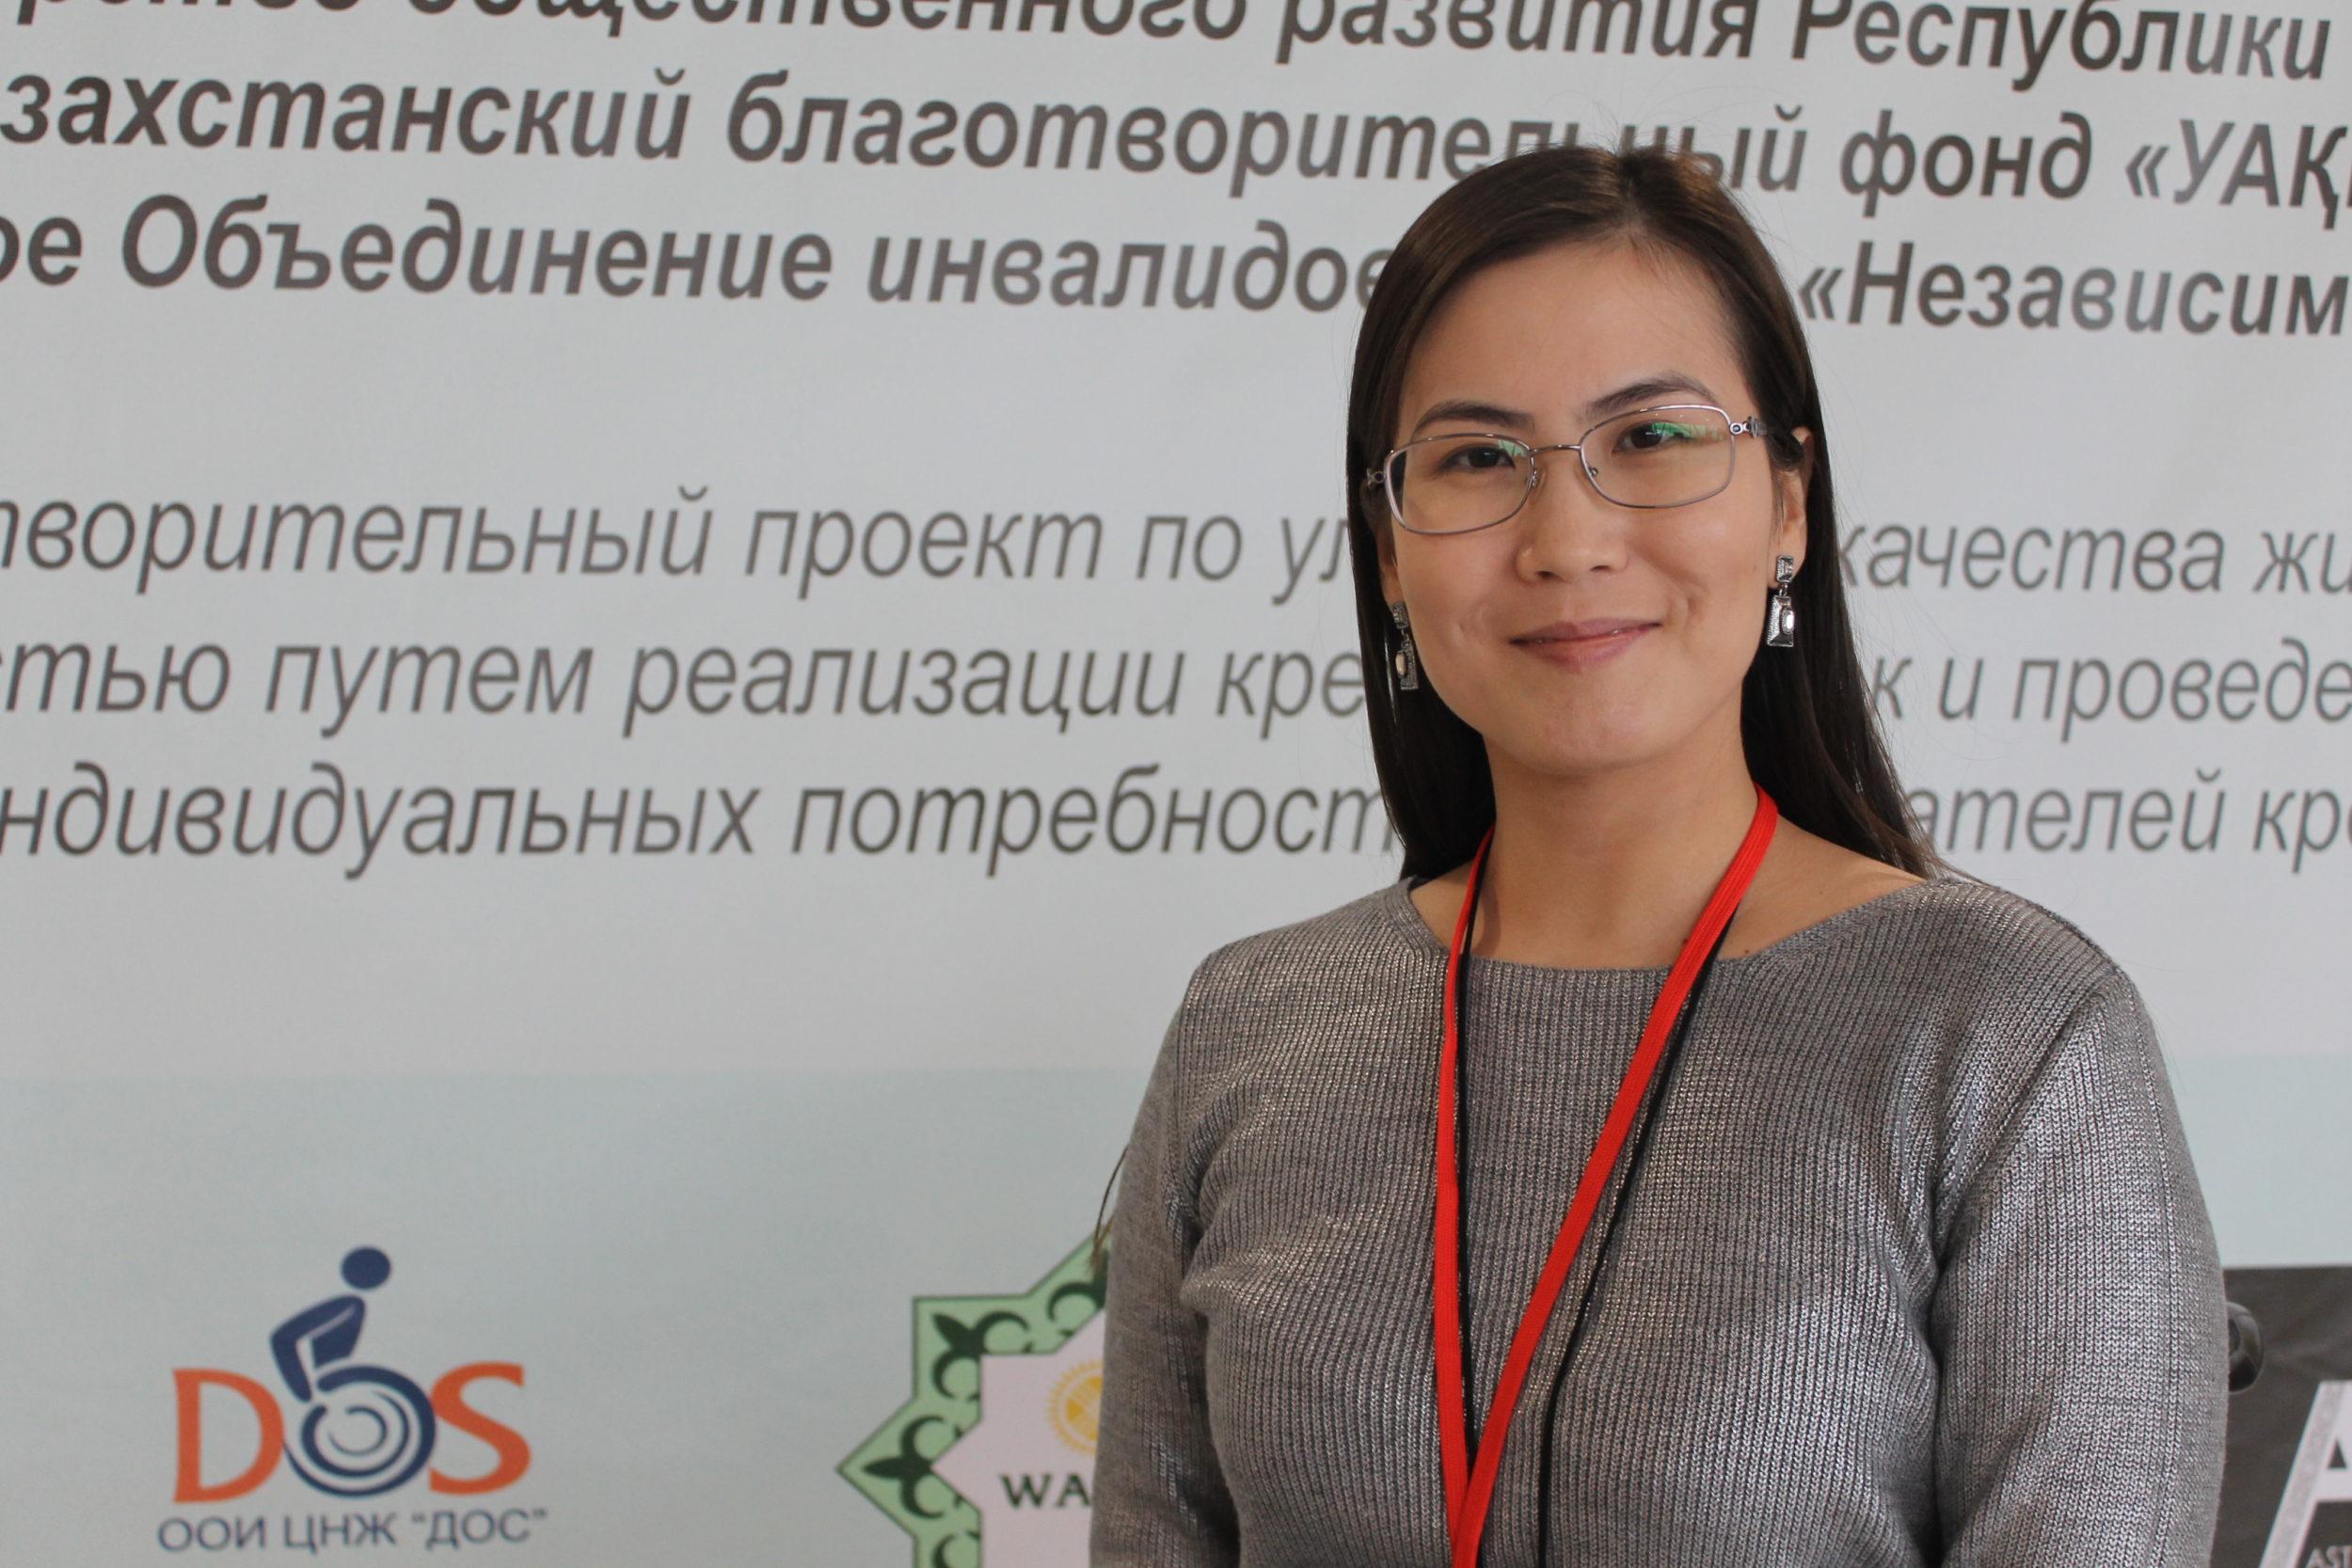 Қарлығаш Тынабекова